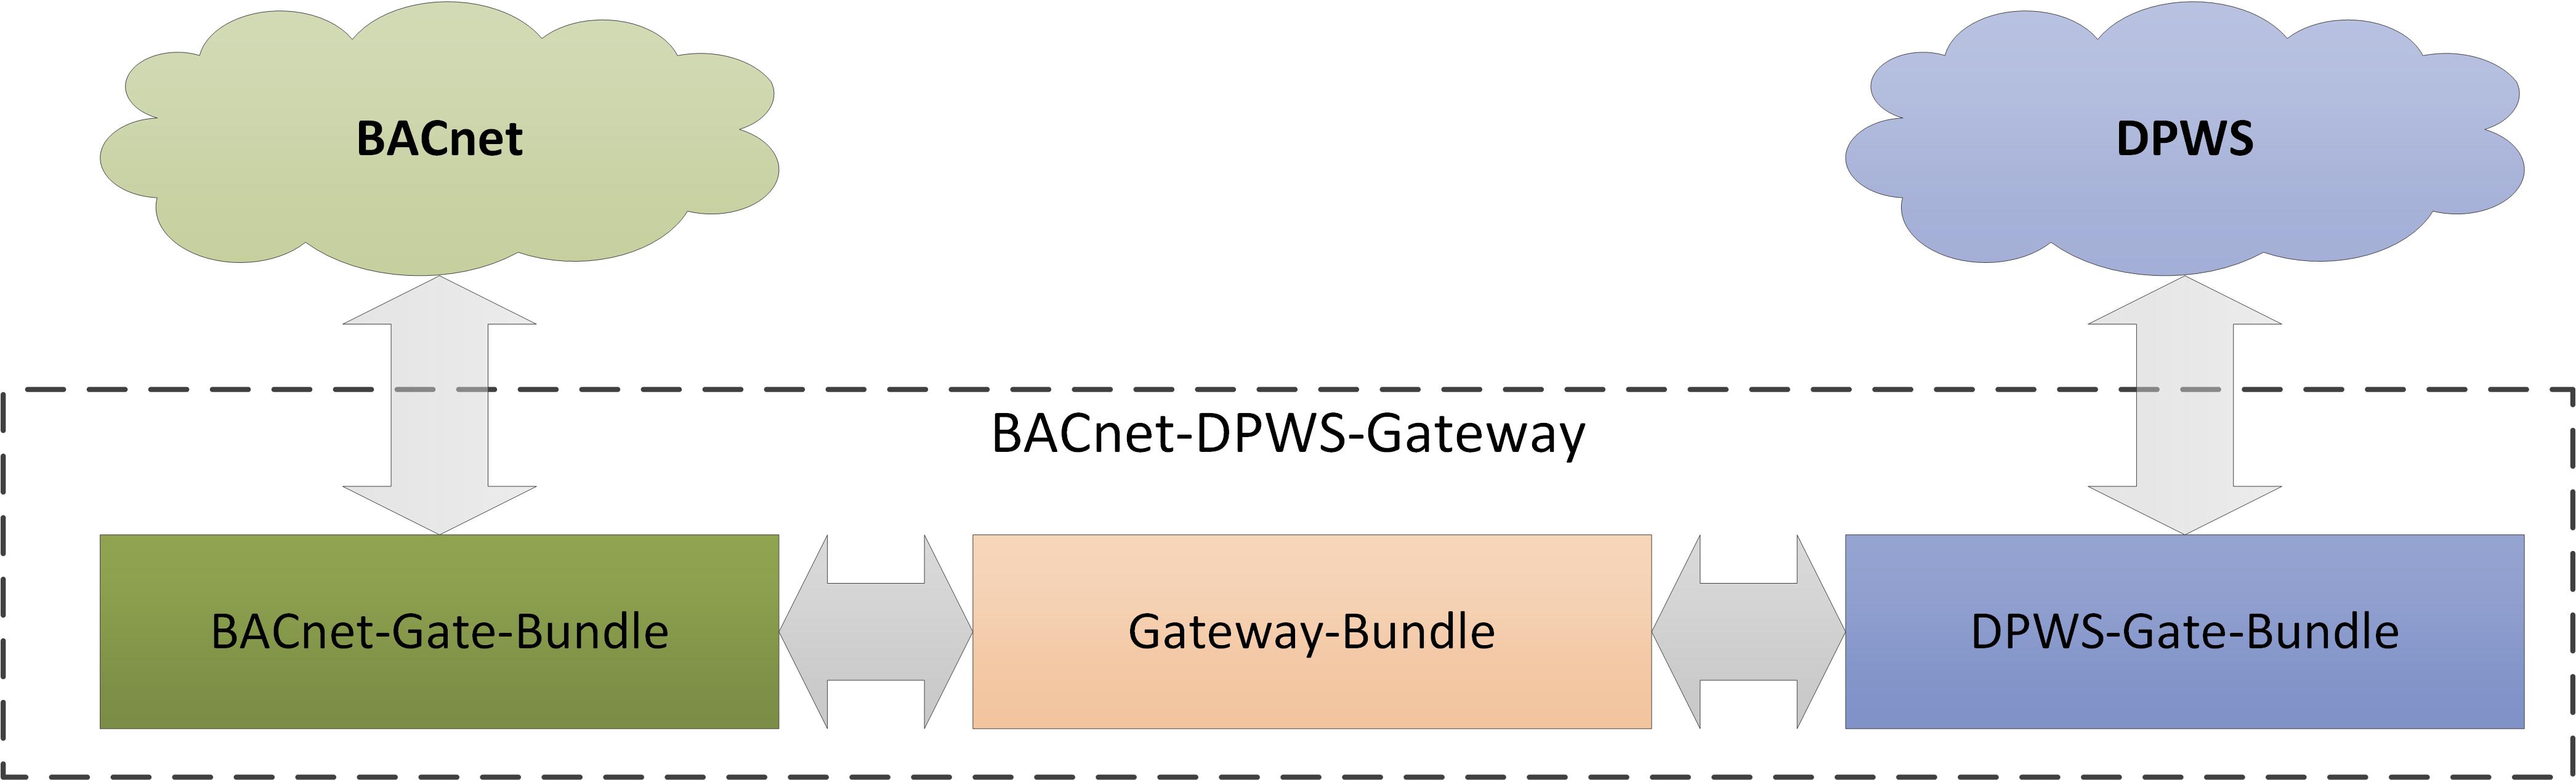 Figure 1: BACnet-DPWS-Gateway